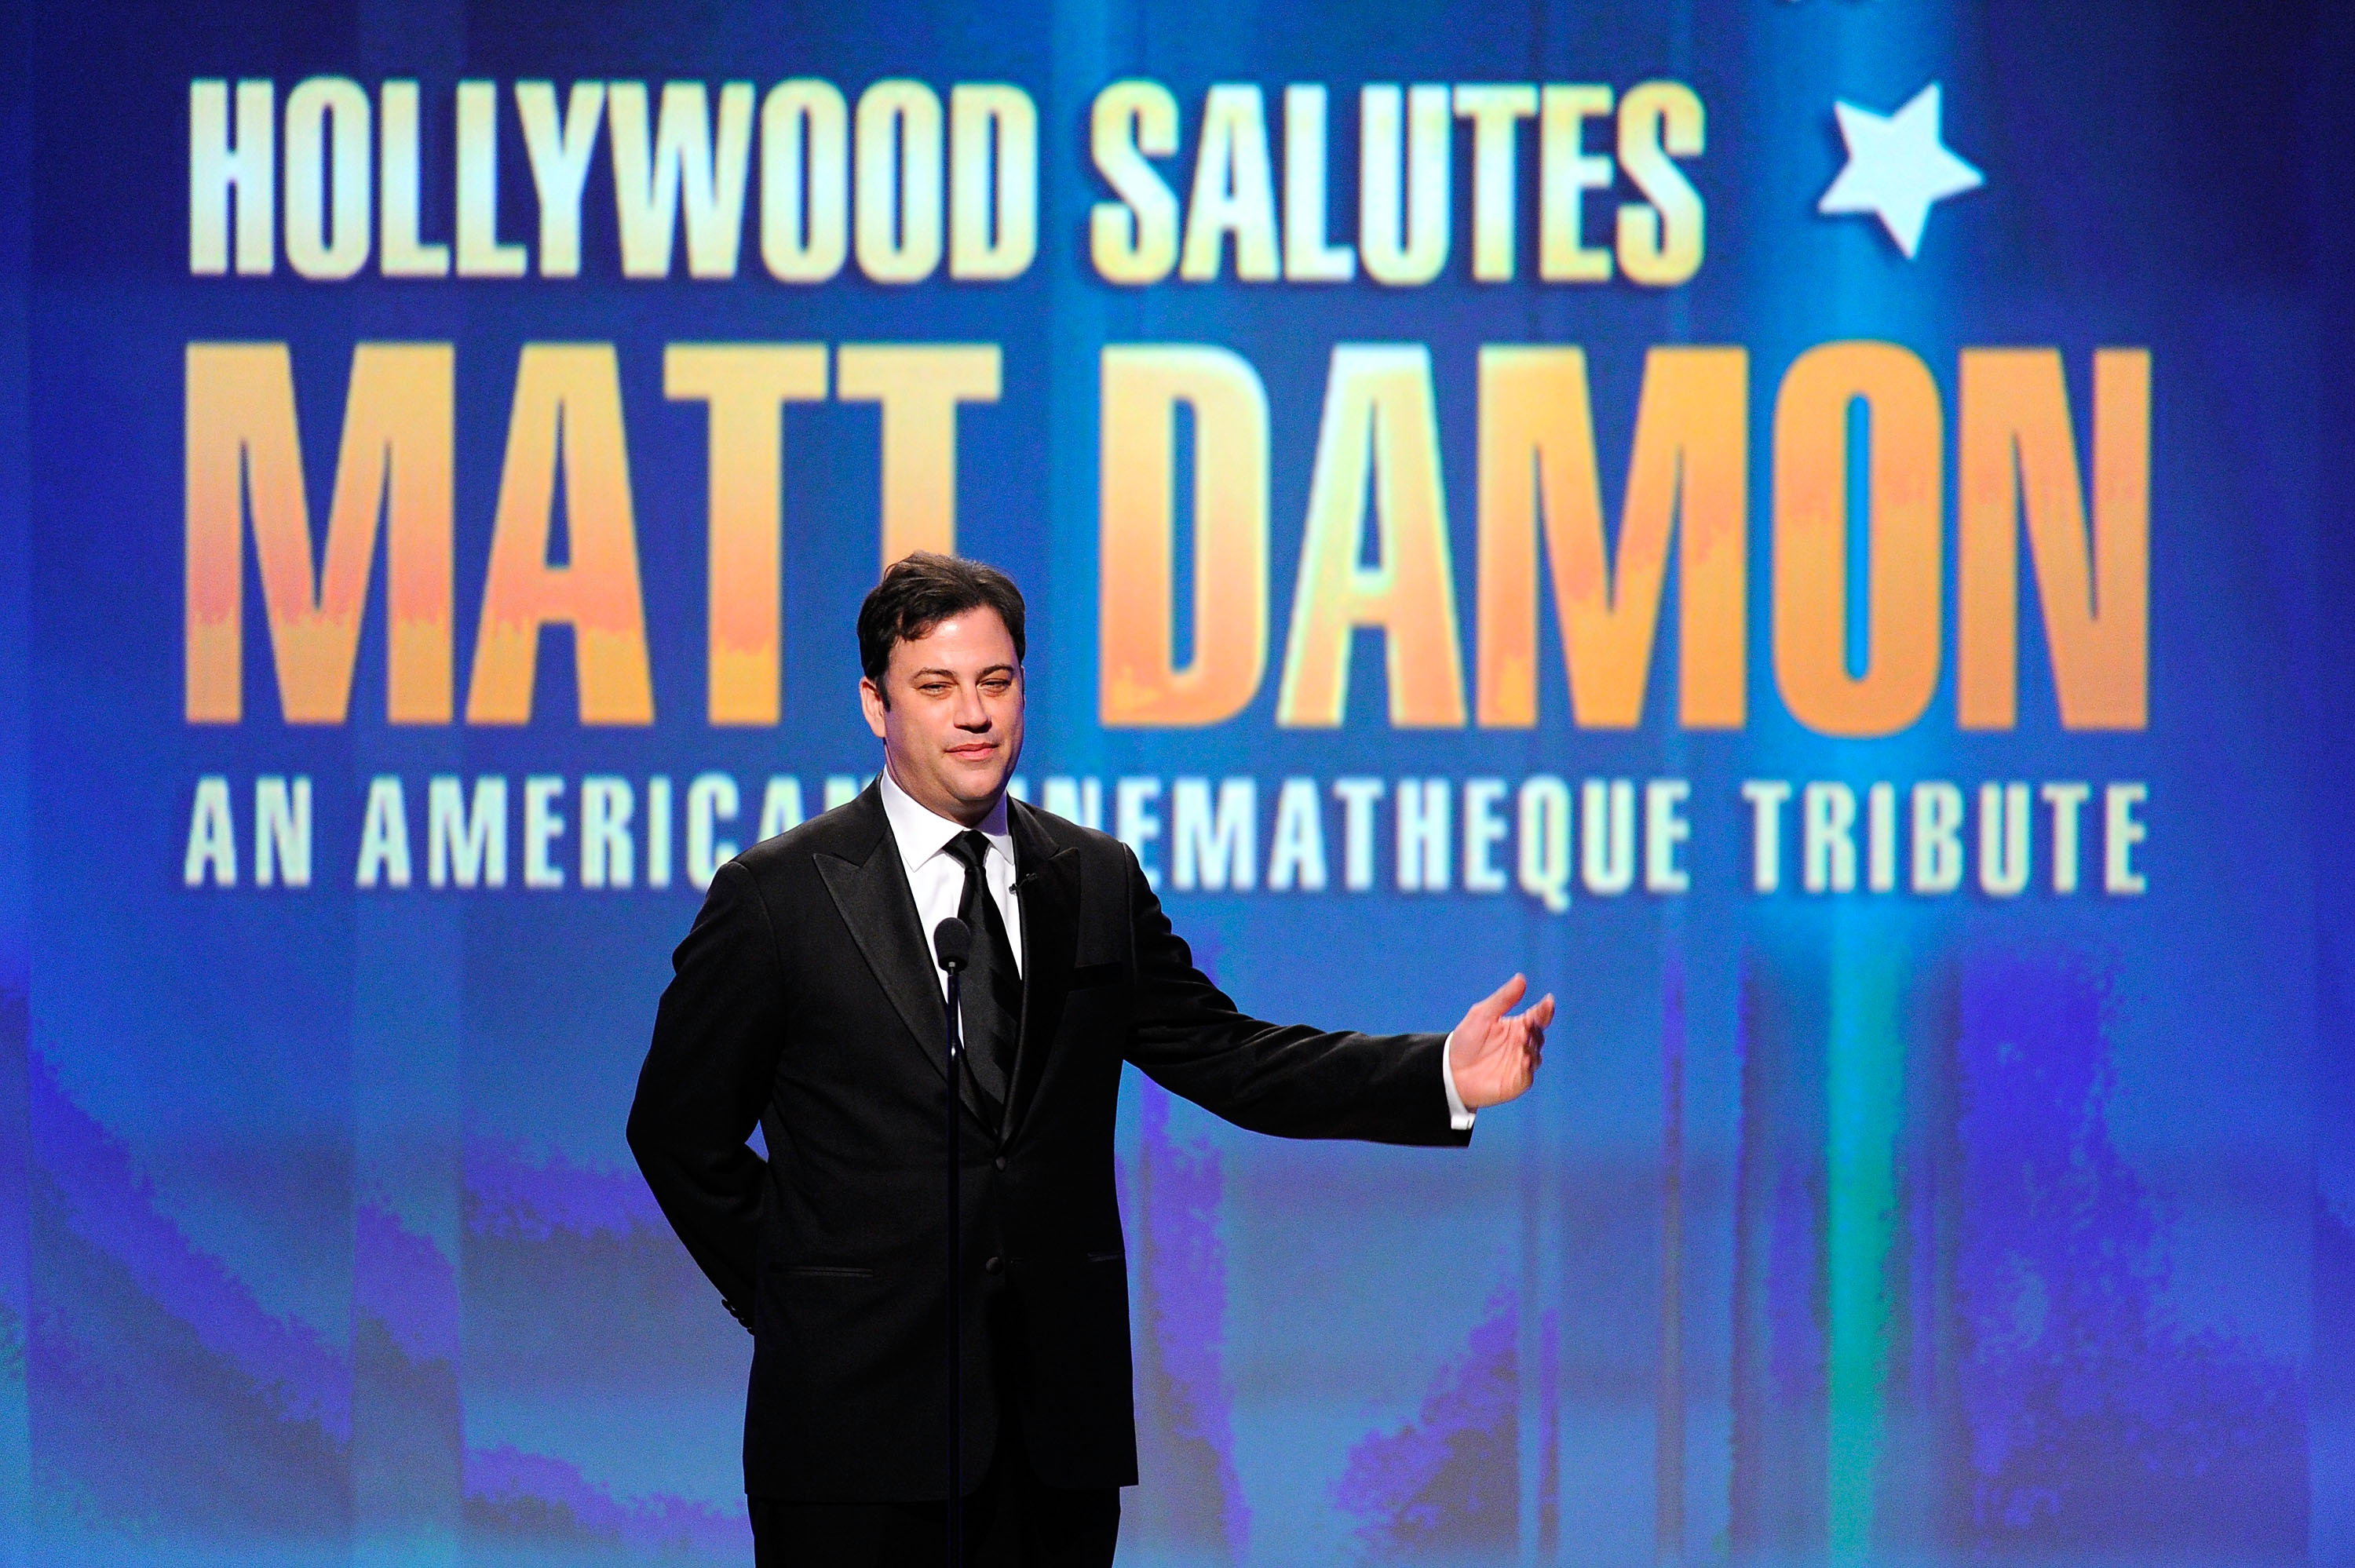 Matt Damon facts